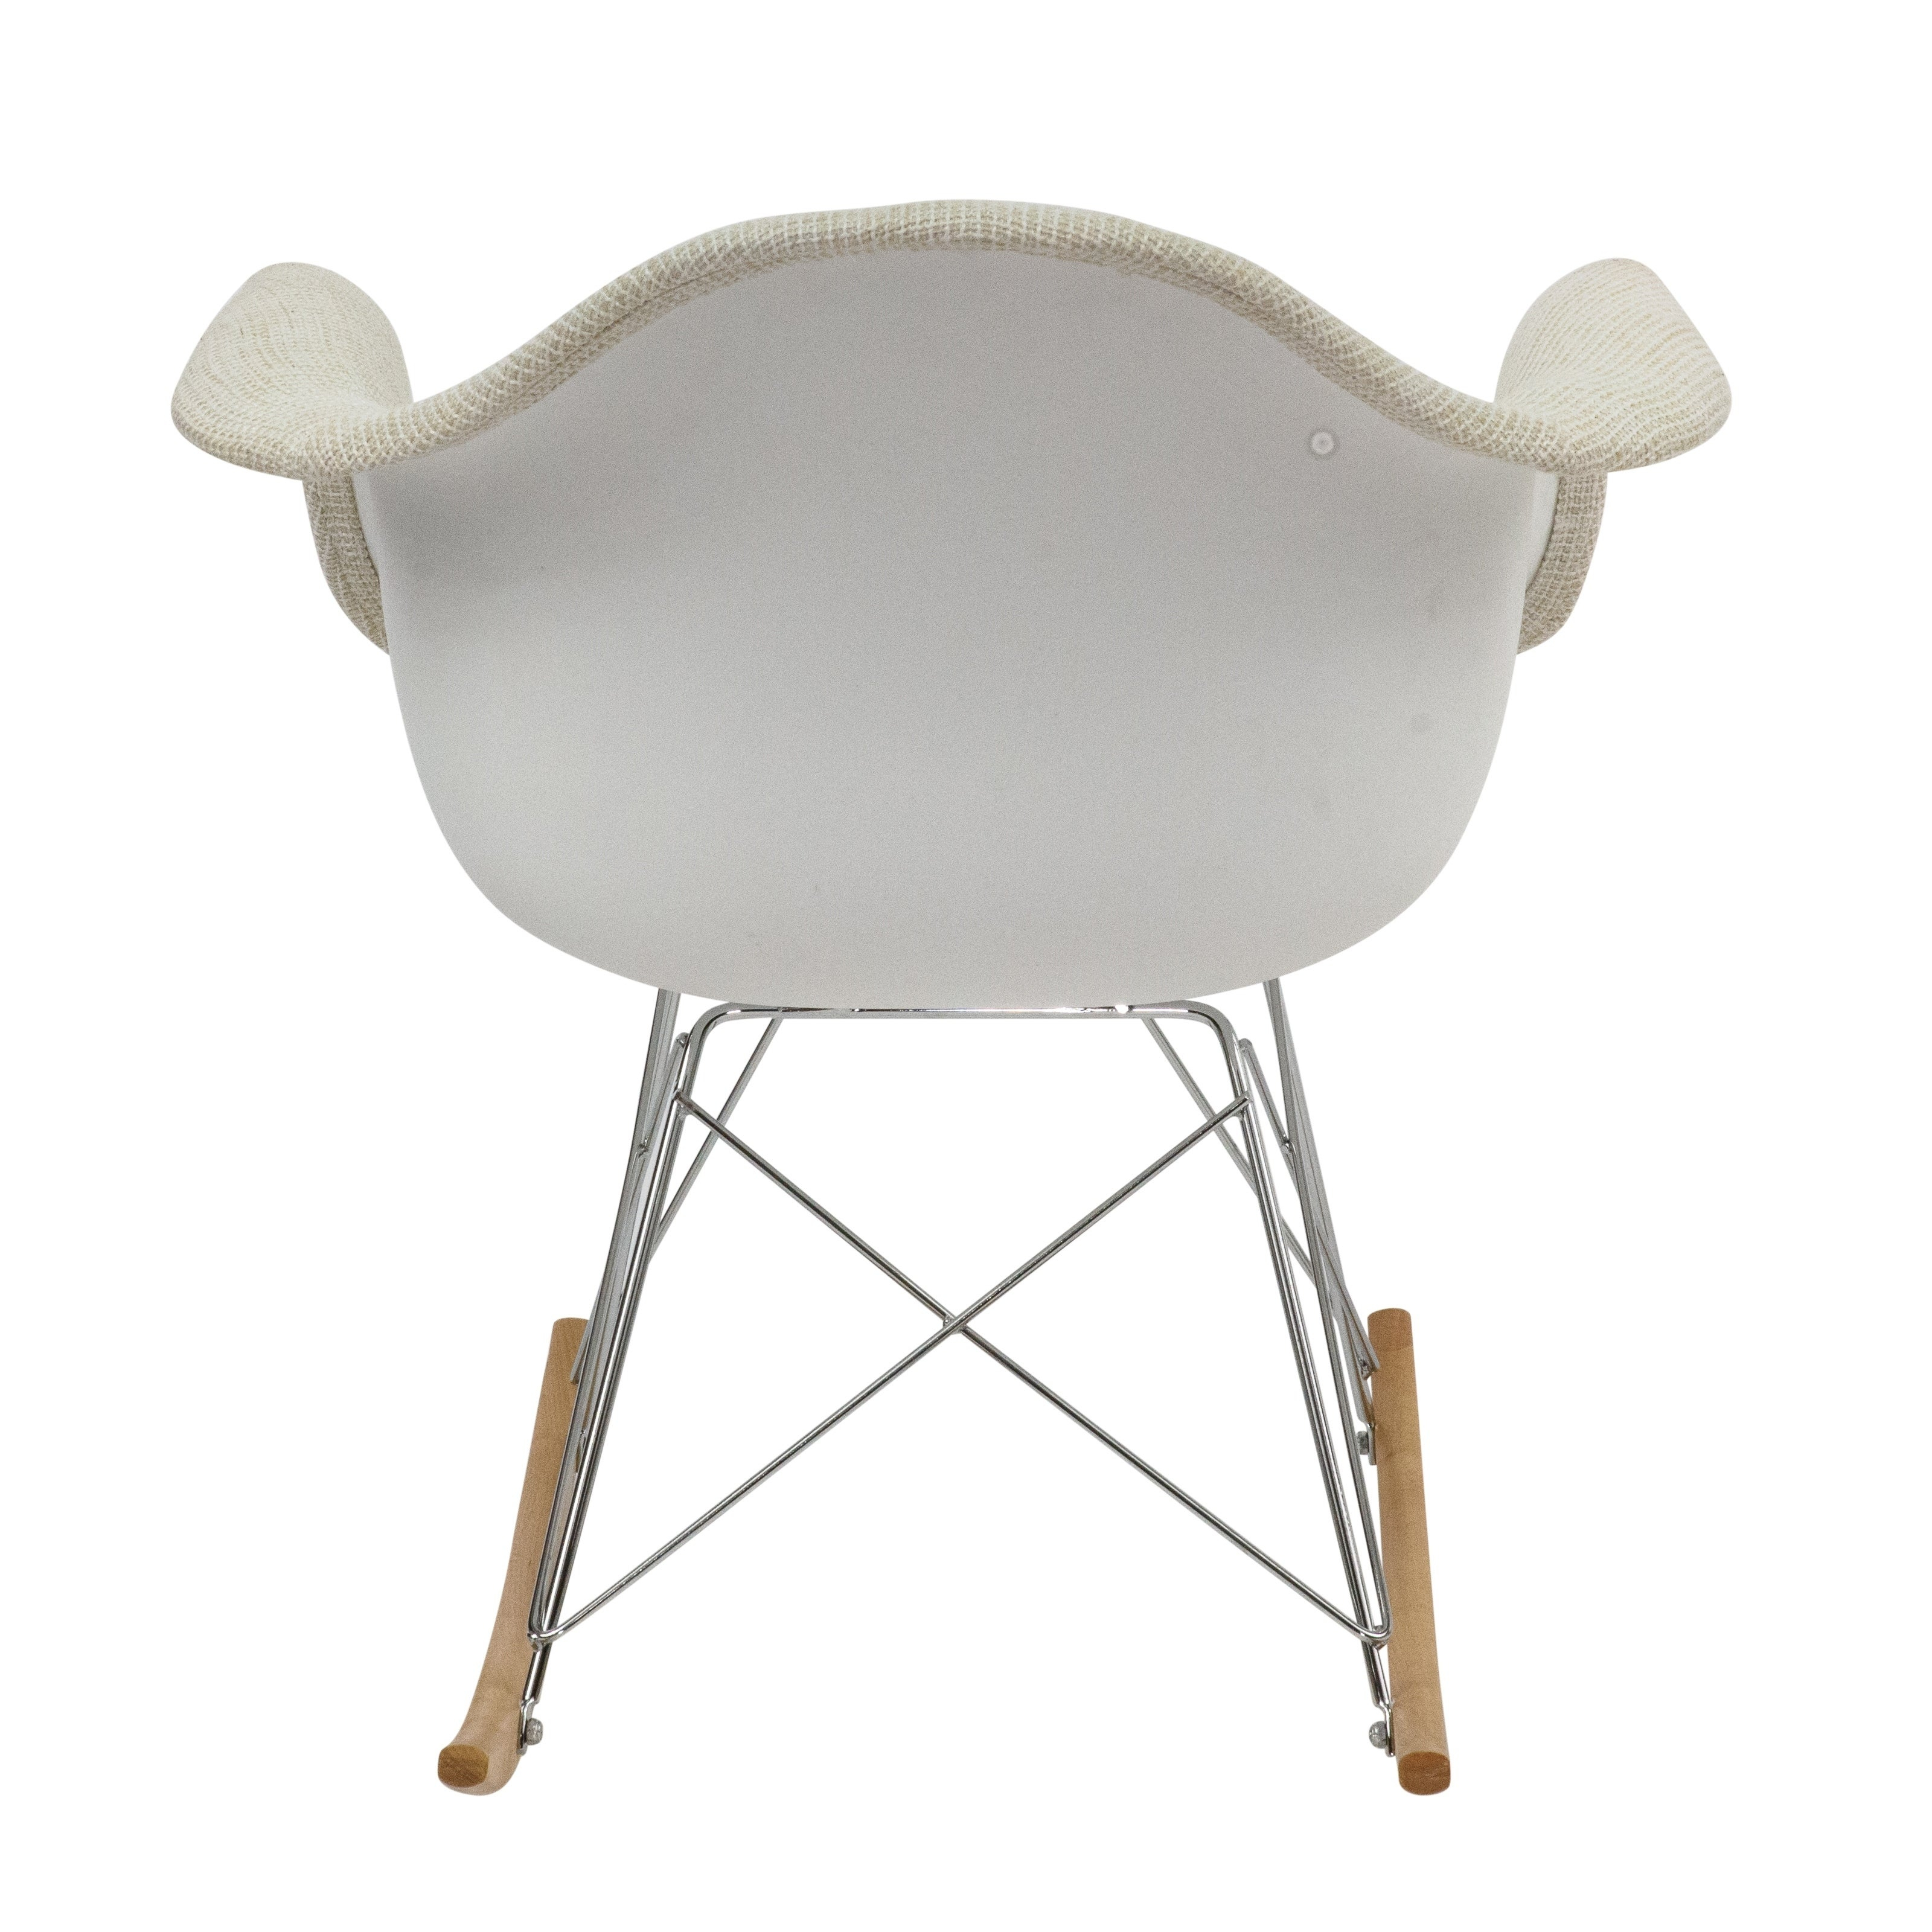 Leisuremod Wilson Twill Fabric Beige Rocking Chair W/ Eiffel Legs With Twill Fabric Beige Rocking Chairs With Eiffel Legs (#8 of 20)